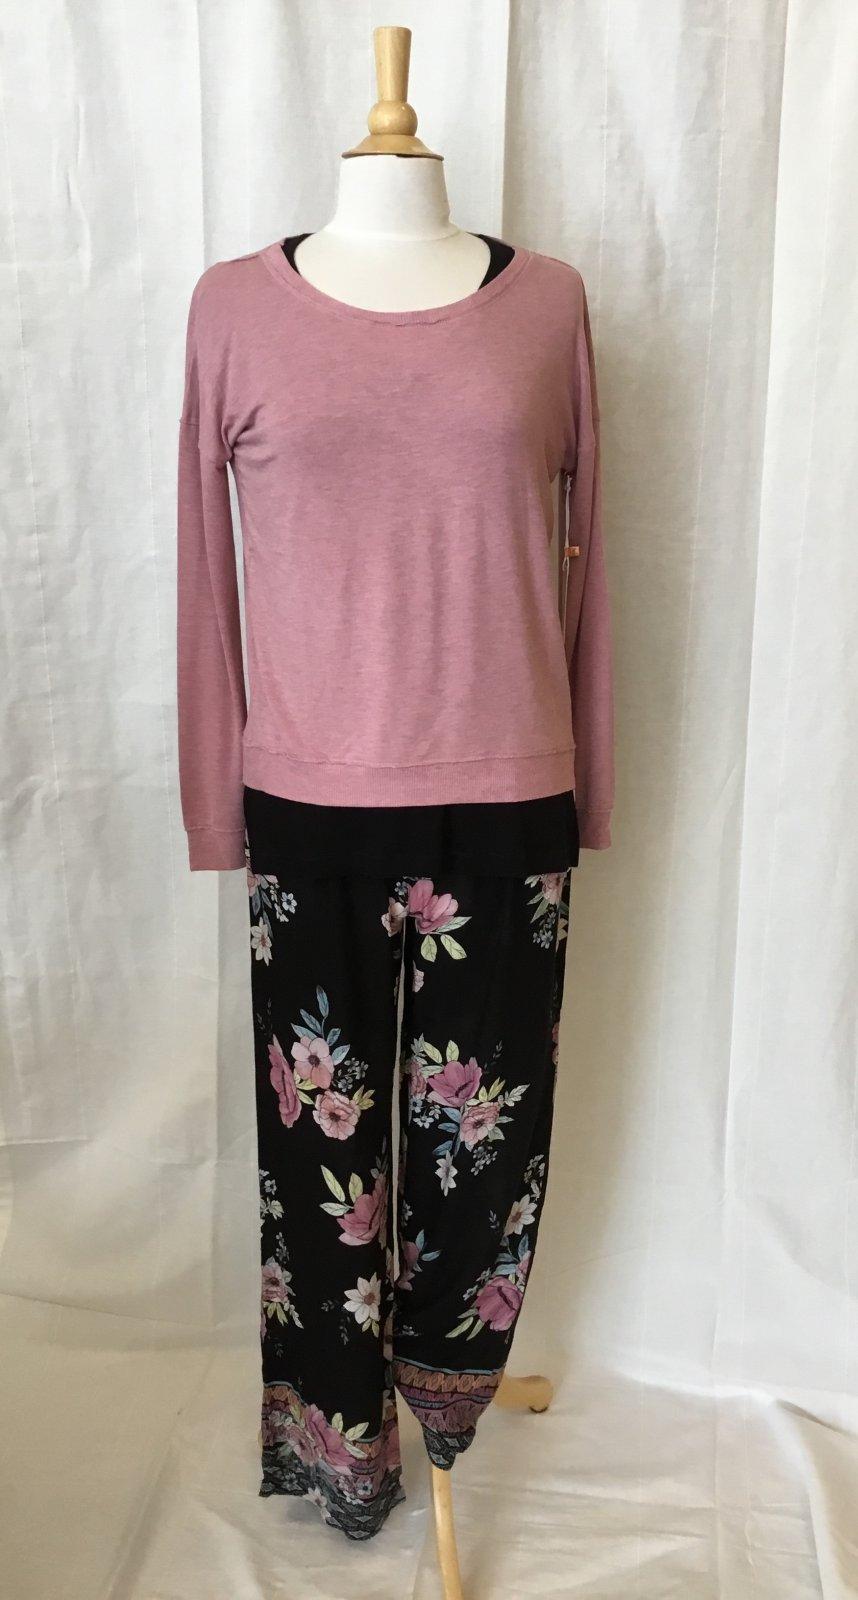 PJ Salvage Floral Pant